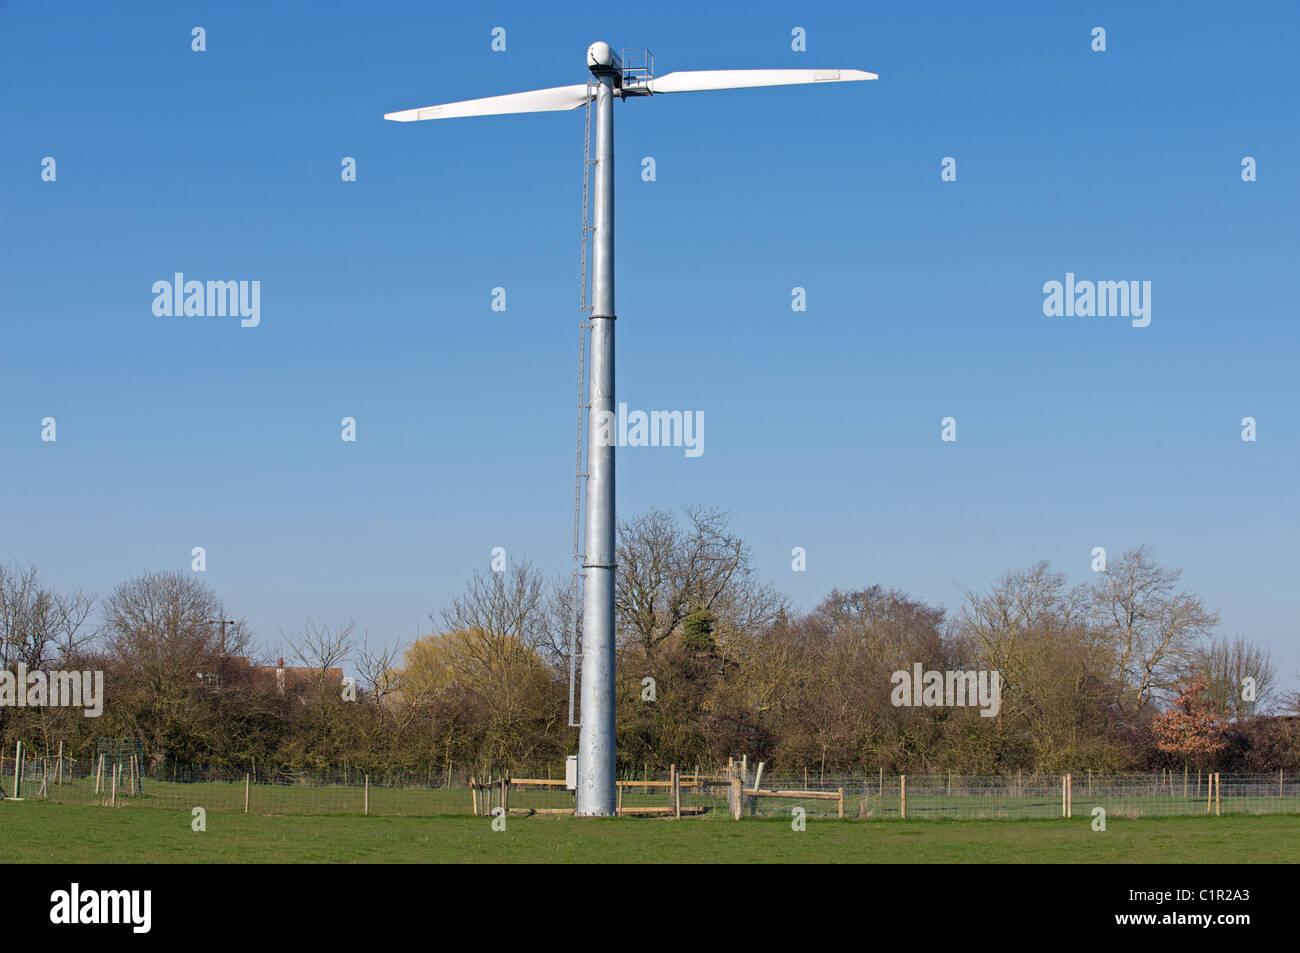 Gaia wind turbine on a farm in Suffolk, UK. - Stock Image